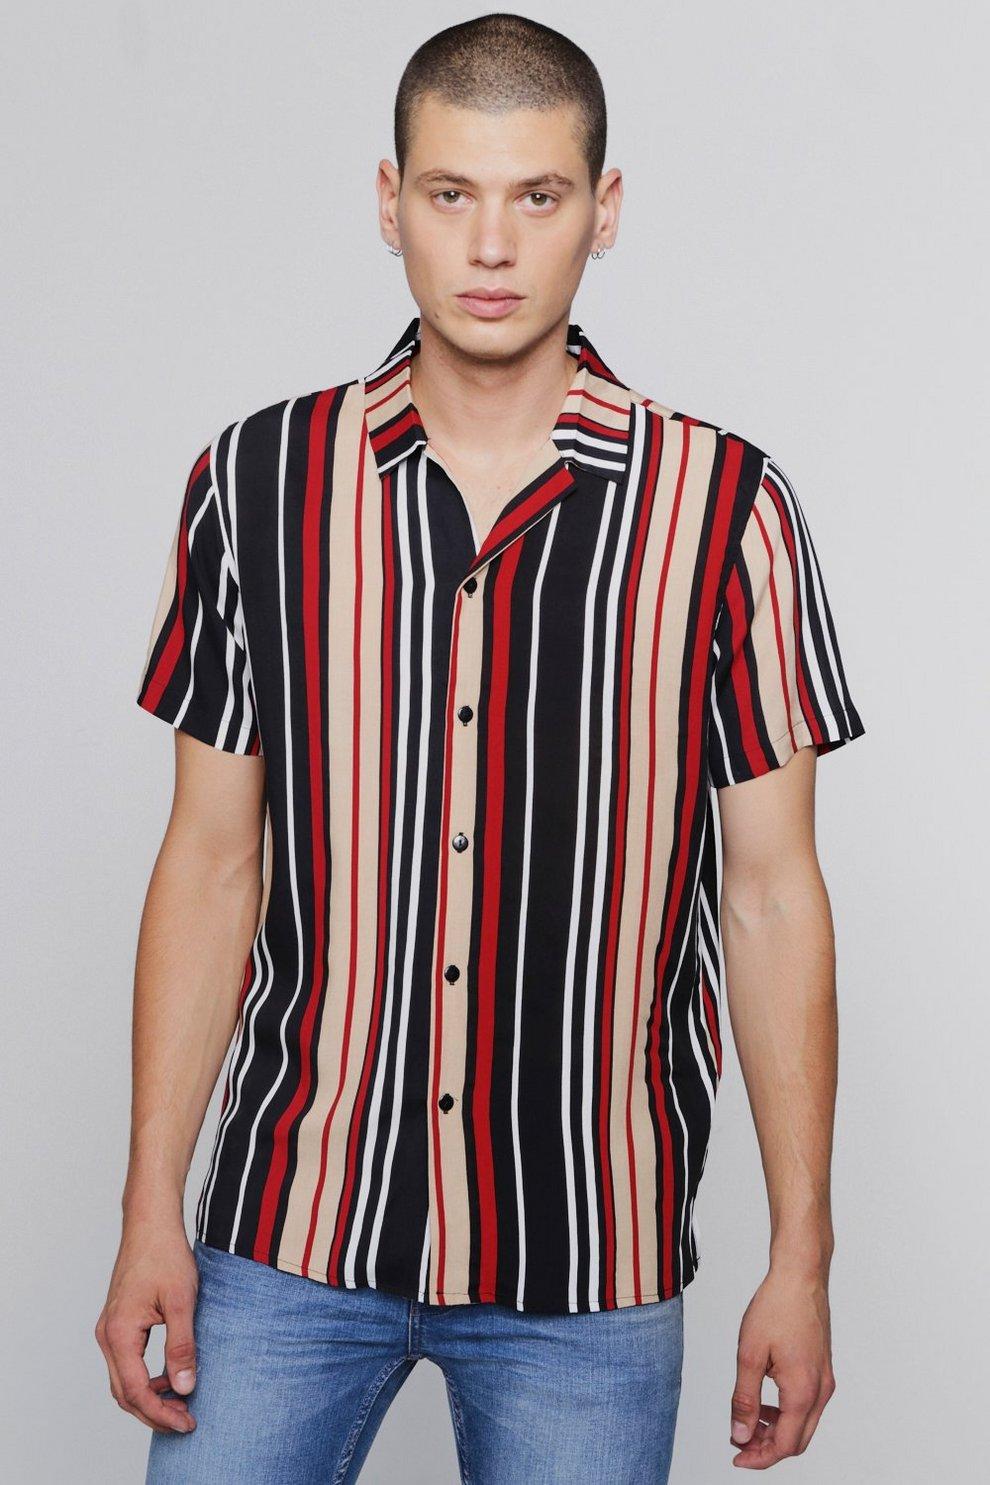 8b4103916a Camisa con cuello de solapa y manga corta a rayas rojas